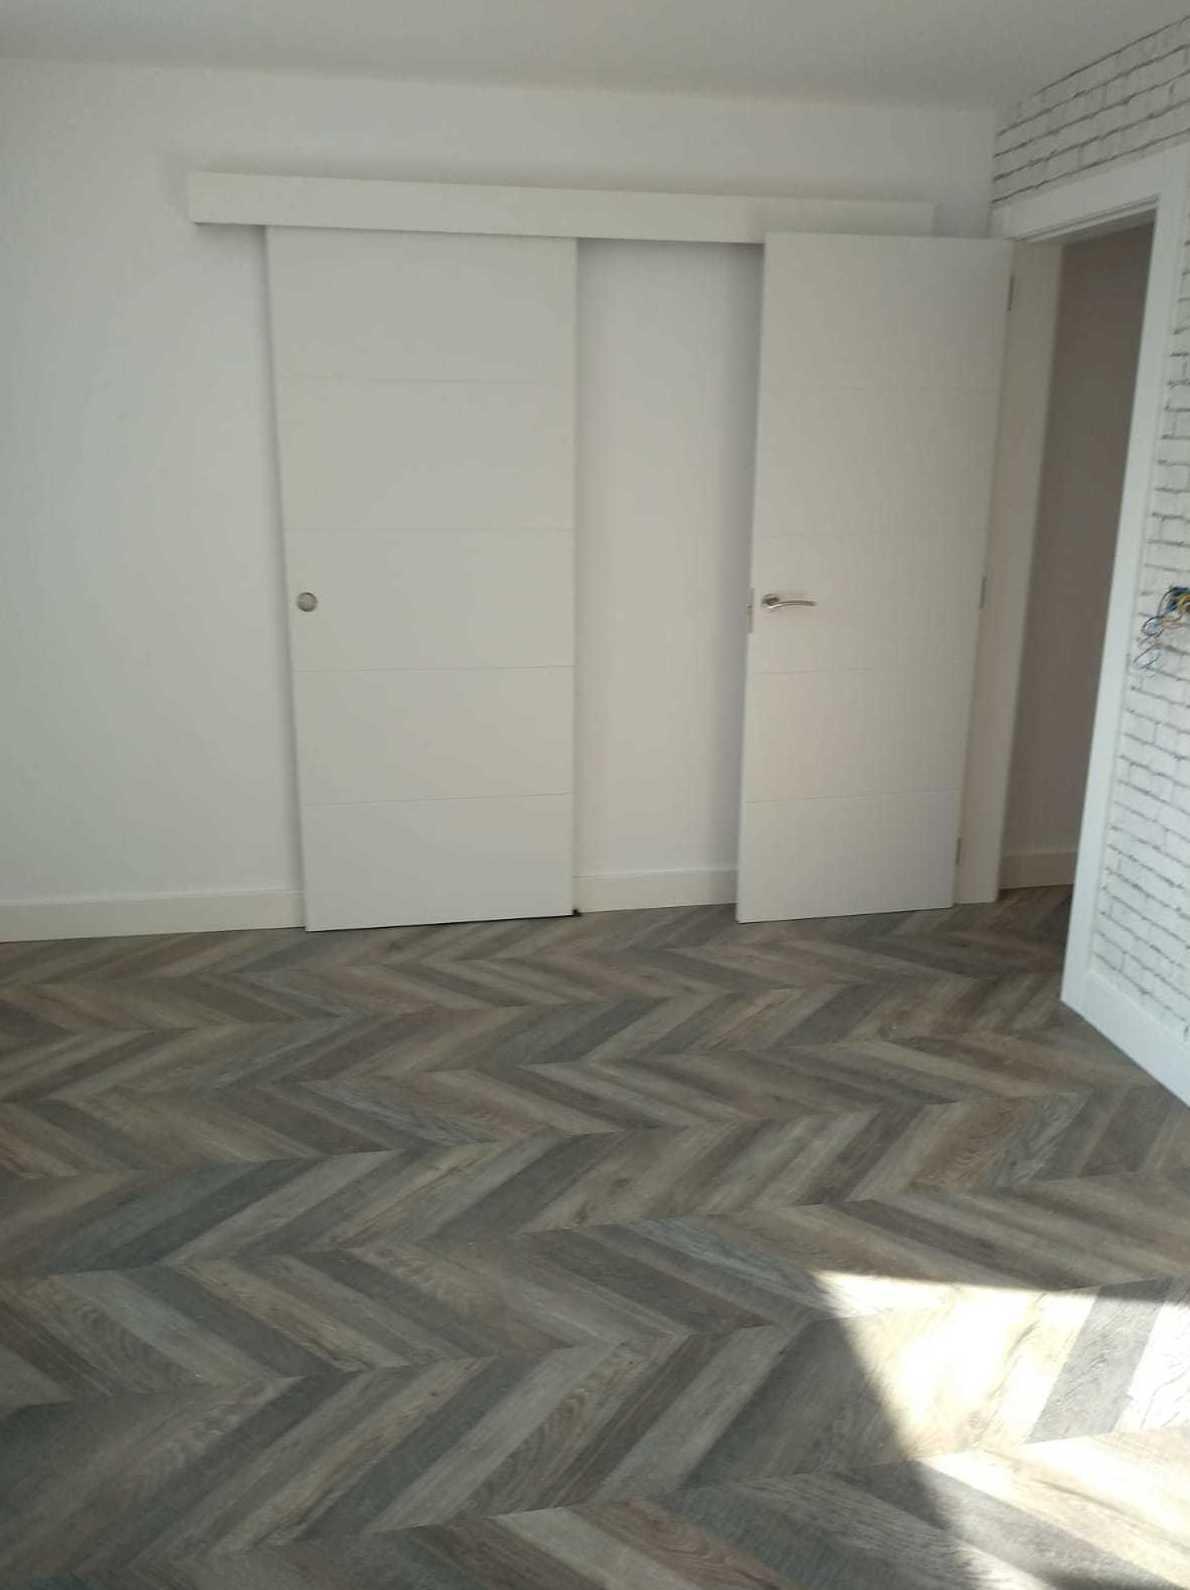 Foto 2 de Especialistas en carpintería y reformas en madera en Zaragoza | Maderate